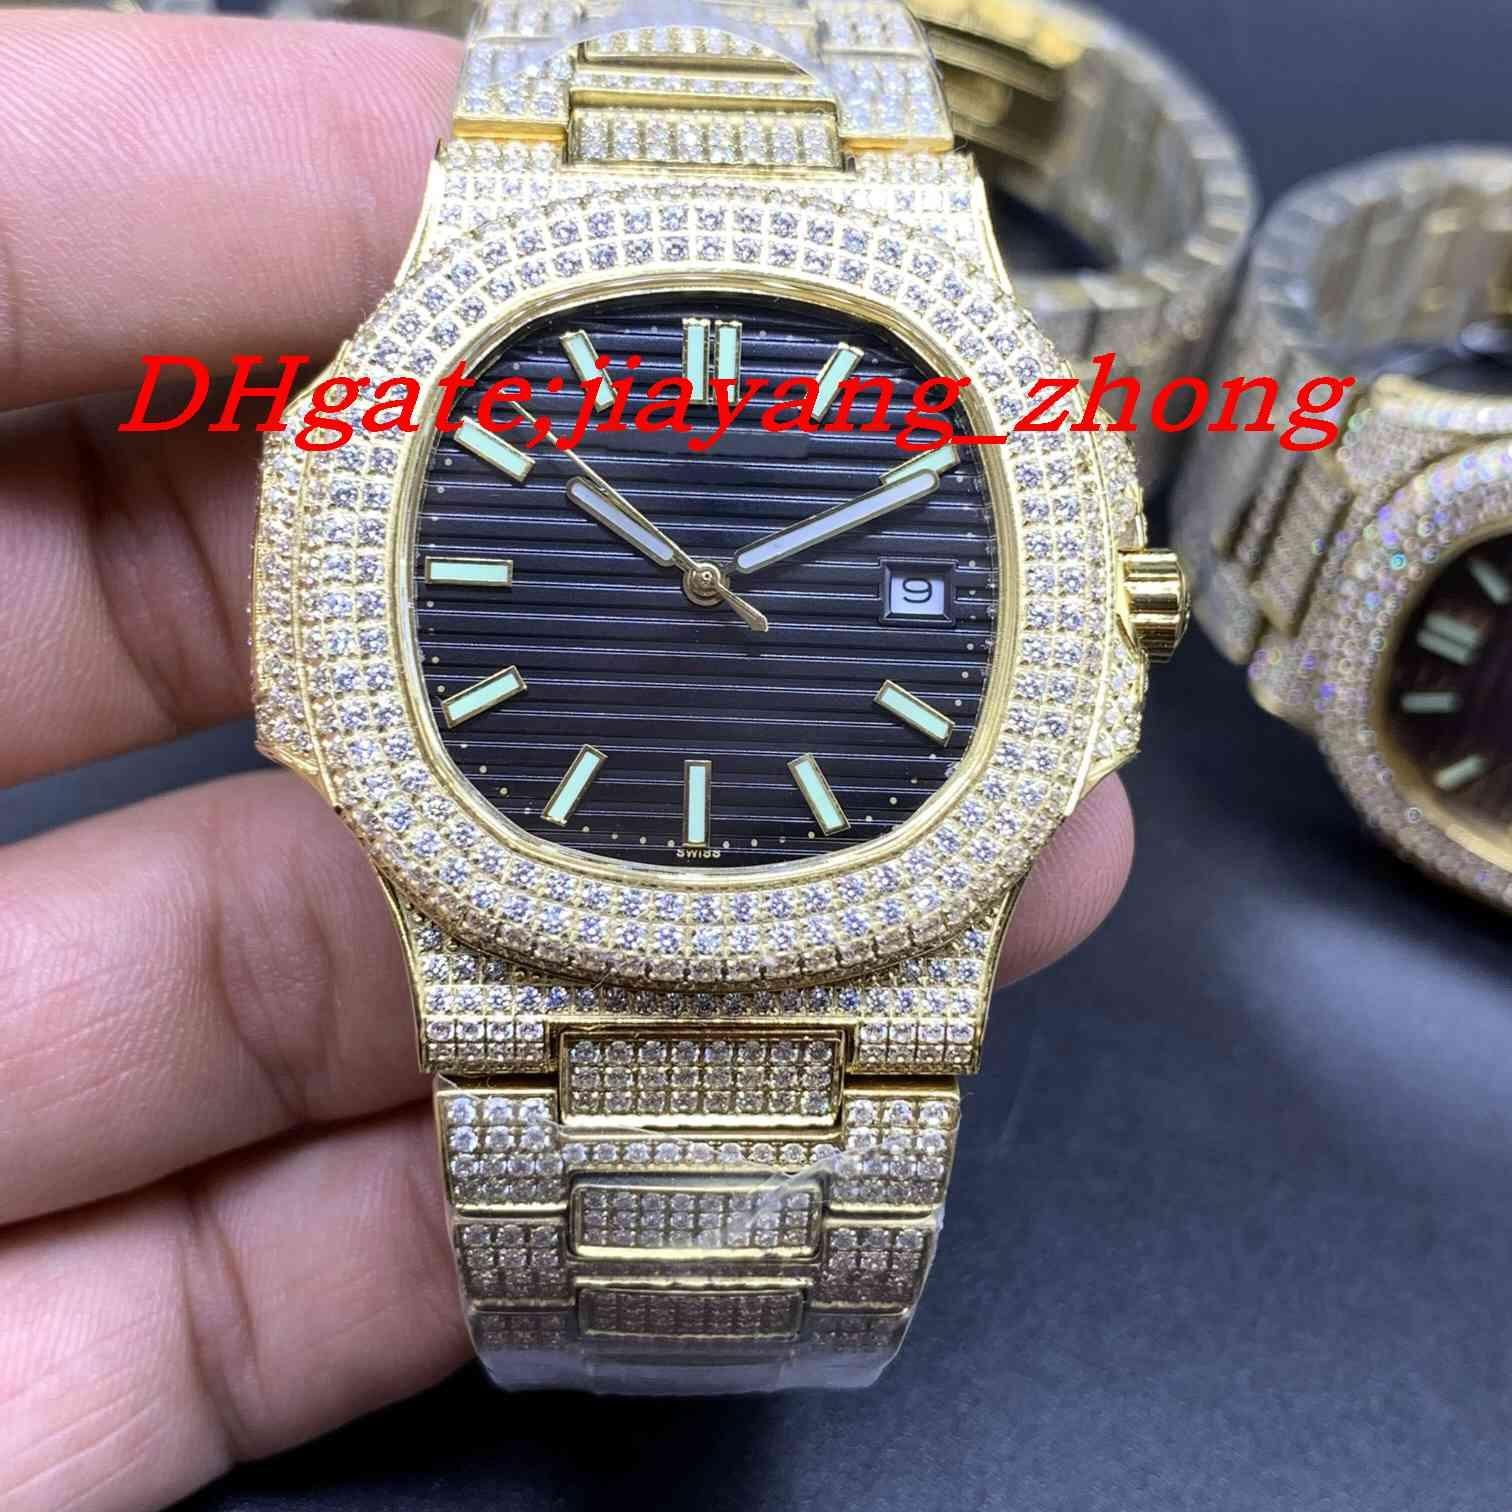 orologio Tutti gli uomini eleganti di Diamond ghiaccio con orologio meccanico automatico precisione di temporizzazione vigilanza di modo di alta qualità degli uomini cronometro gratuitamente freig